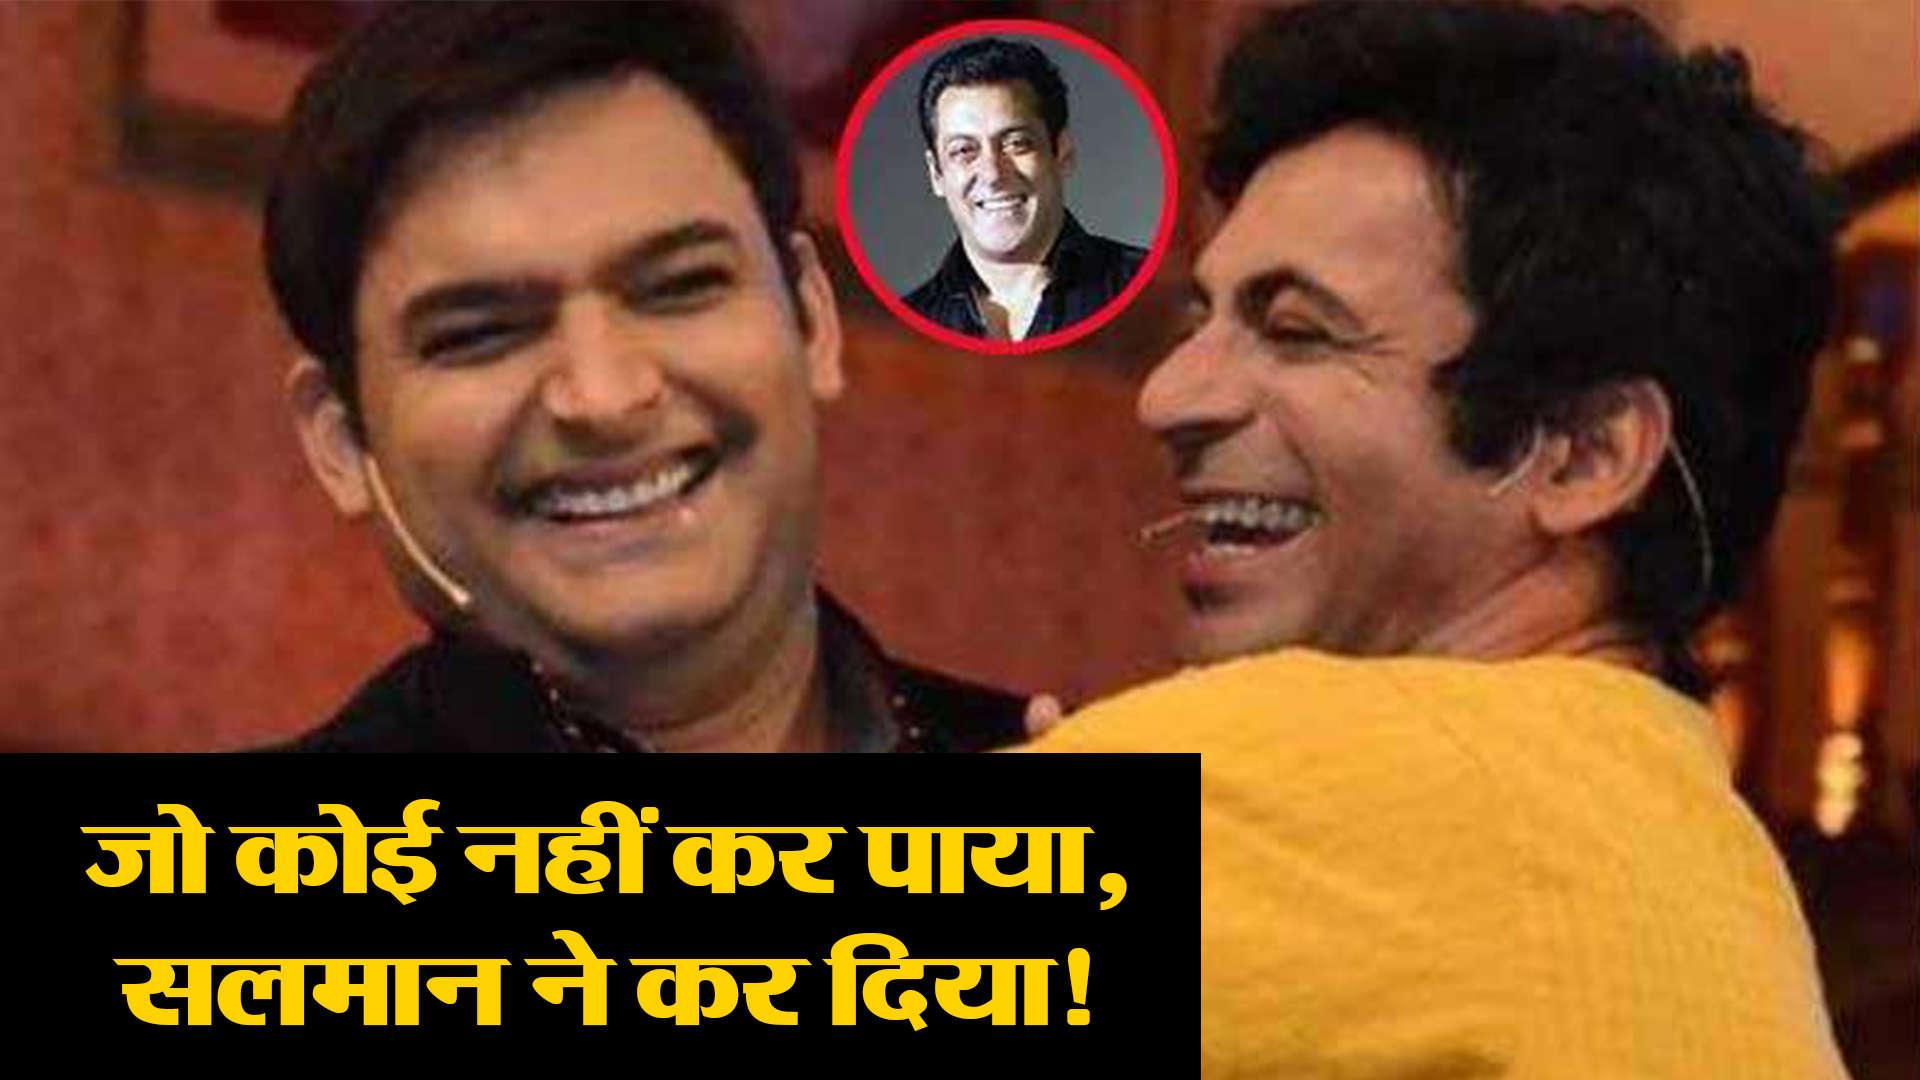 The Kapil Sharma Show में Sunil Grover की वापसी कराएंगे सलमान खान?